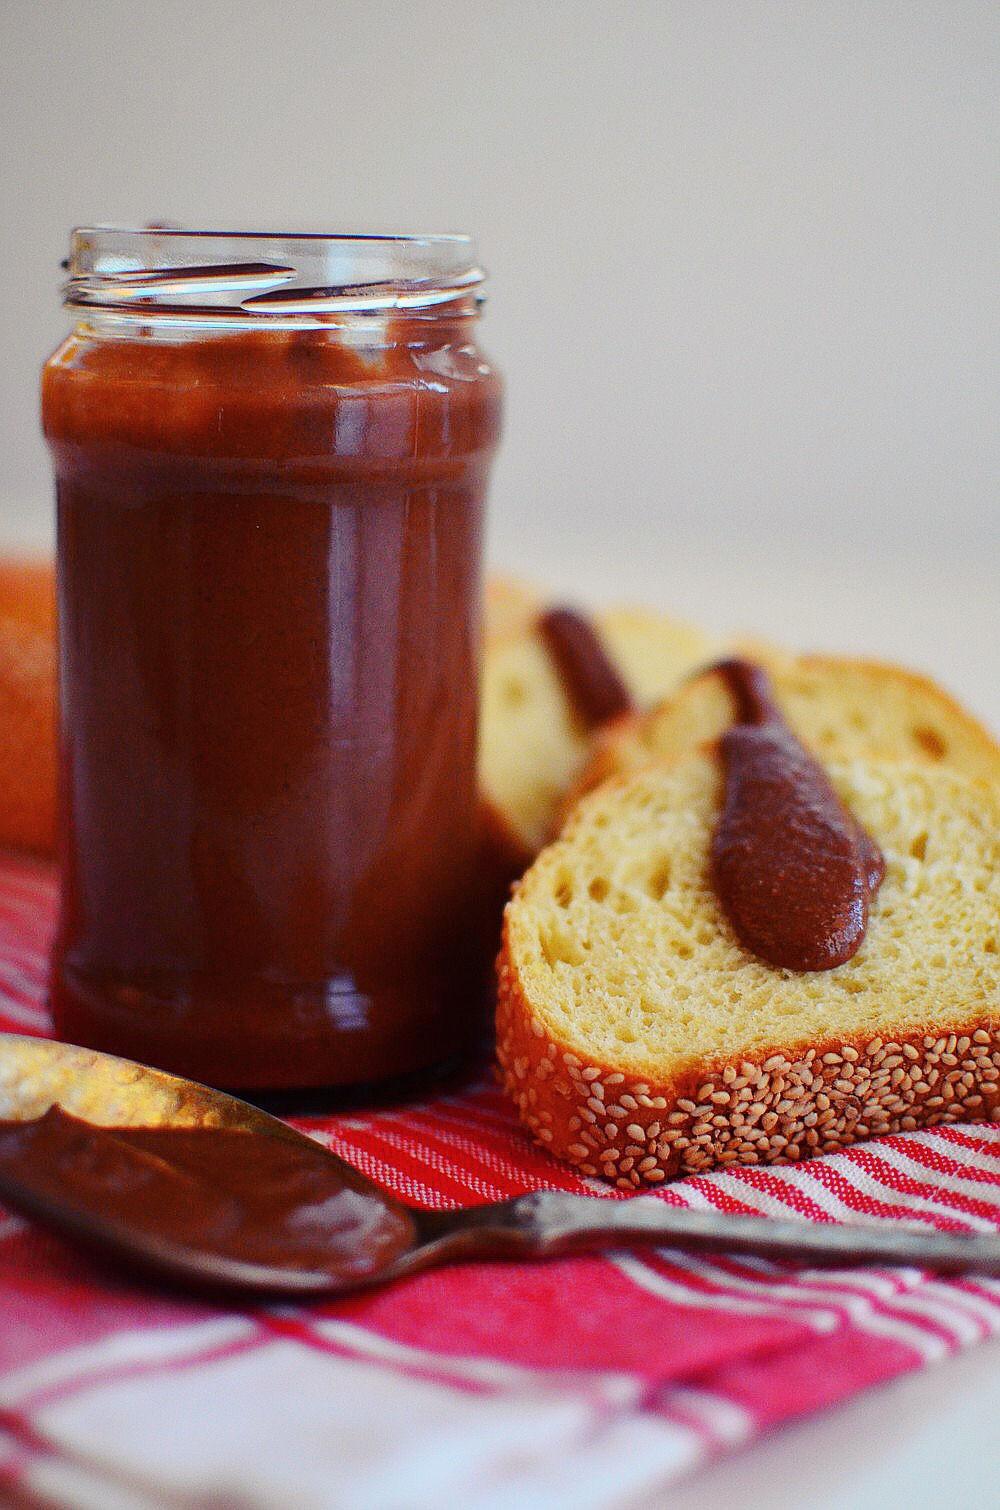 άλειμμα ταχινιού, σοκολάτα, μέλι, βούτυρο, ταχίνι, σησαμέλαιο, tahini, chocolate spread, recipe, honey, buttter, recipe, simple, cool artisan, Γαβριήλ Νικολαΐδης 4